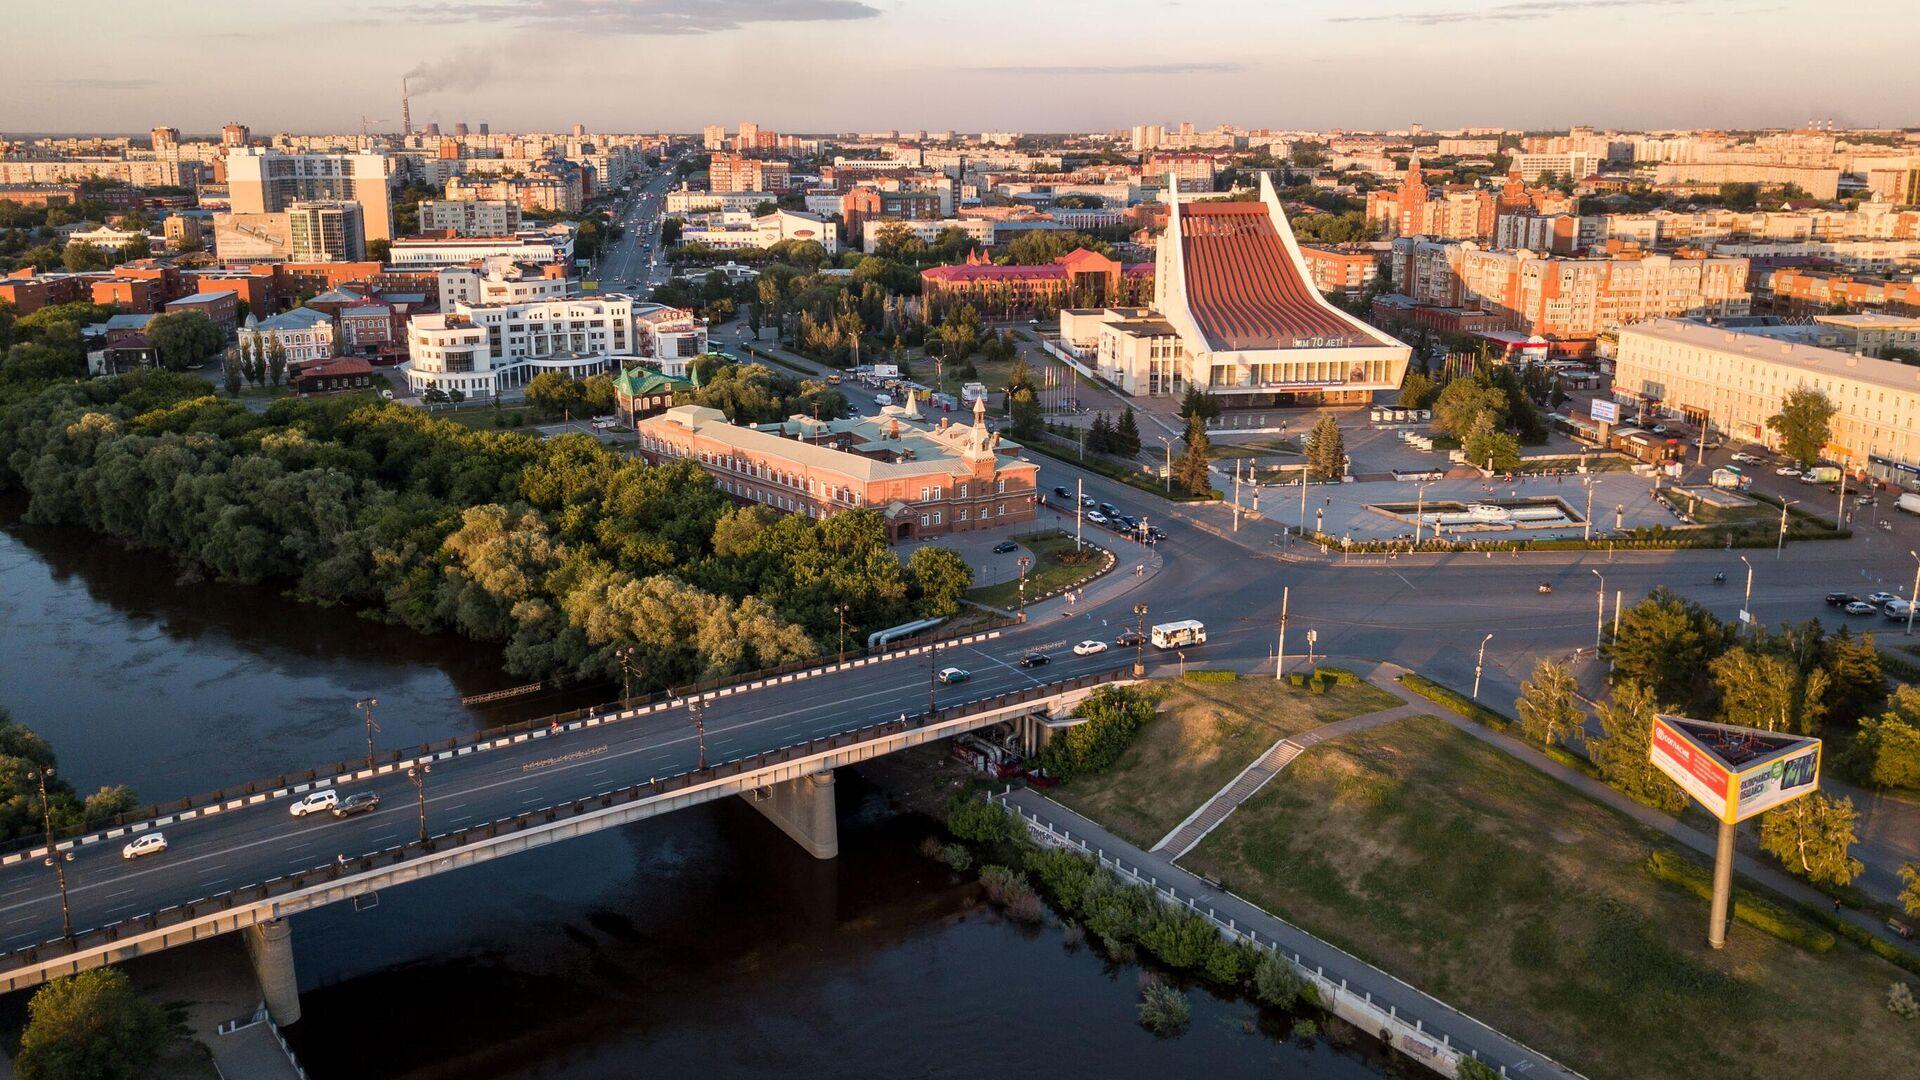 Река Омь, Комсомольский мост, Омский Государственный Музыкальный Театр - РИА Новости, 1920, 14.10.2021